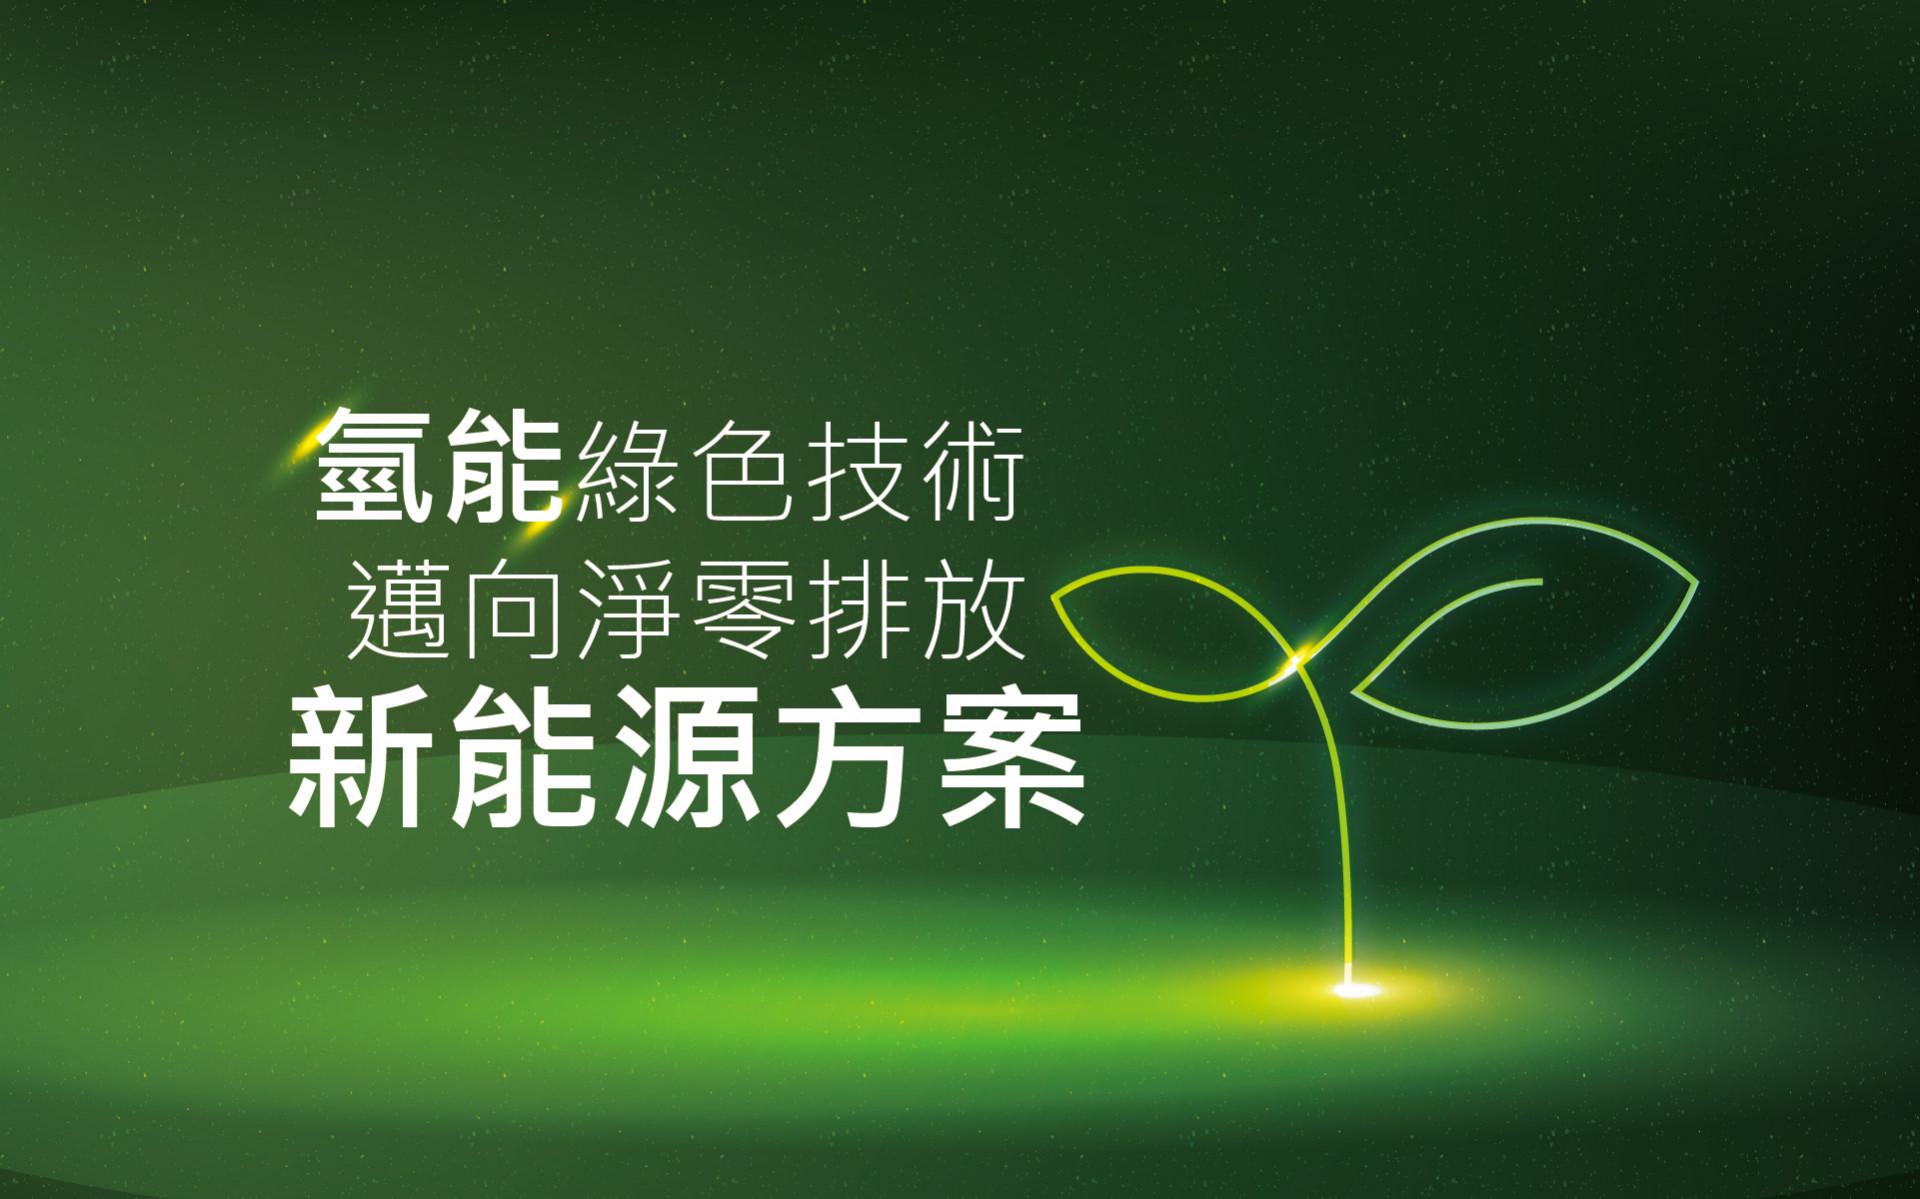 氫能綠色技術 邁向淨零排放的新能源方案